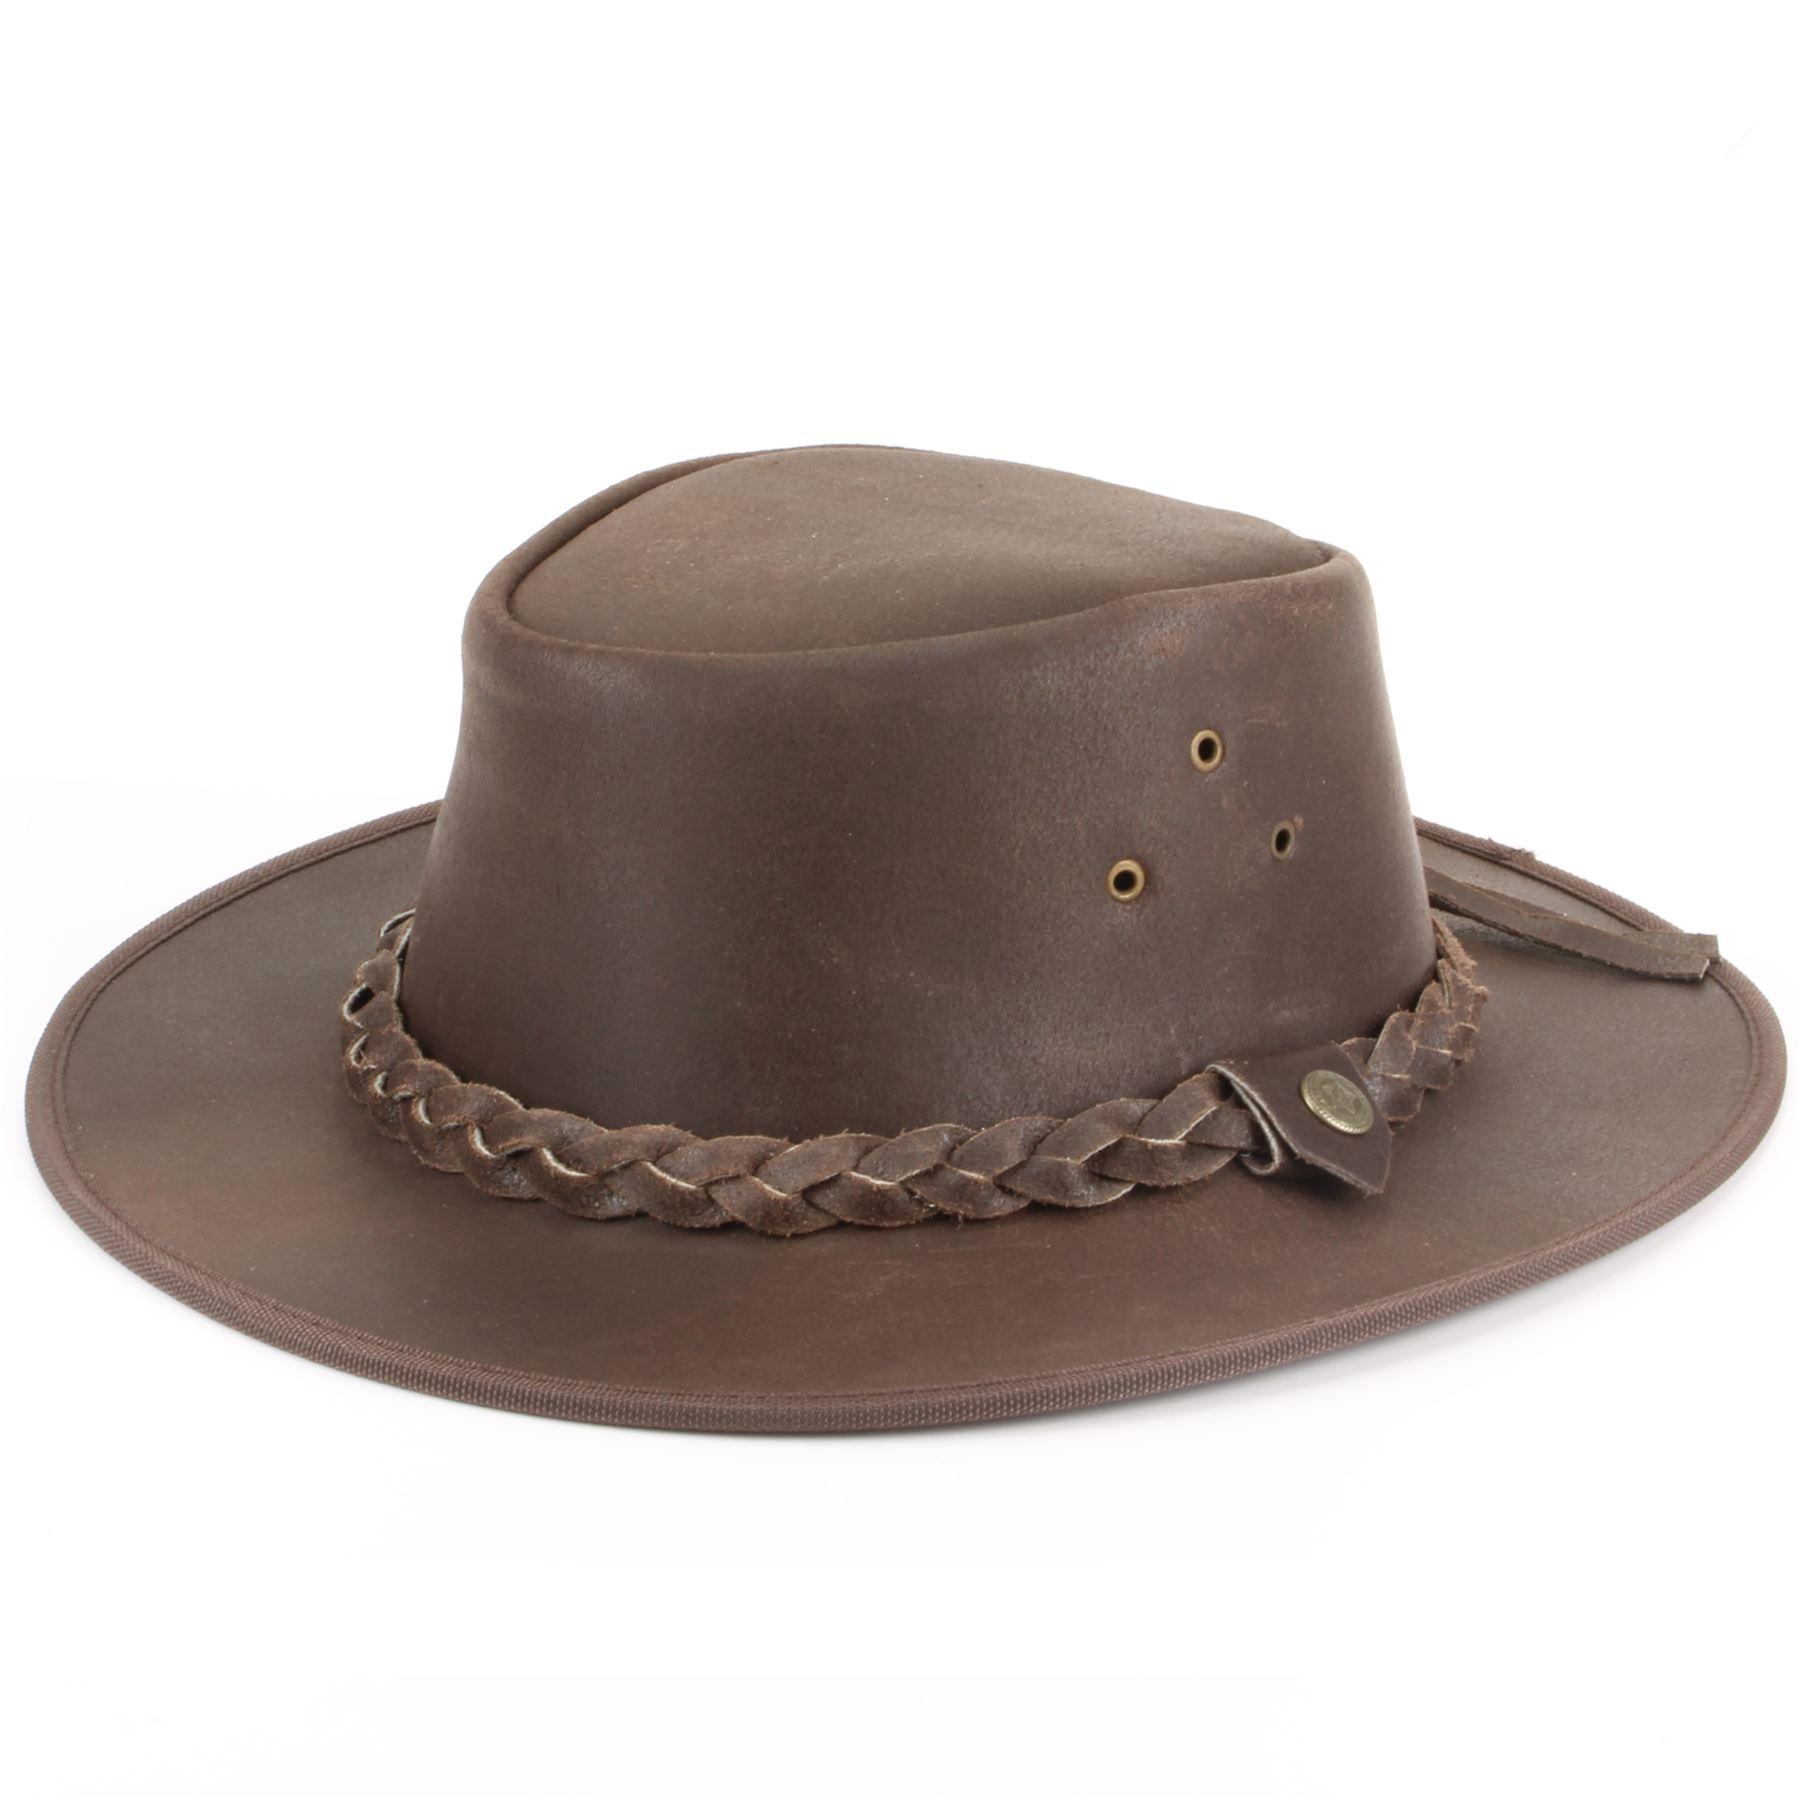 4a30afd6c28fd Sombrero de Cowboy Australiano Ala Ancha marrón gastado Cuero ...